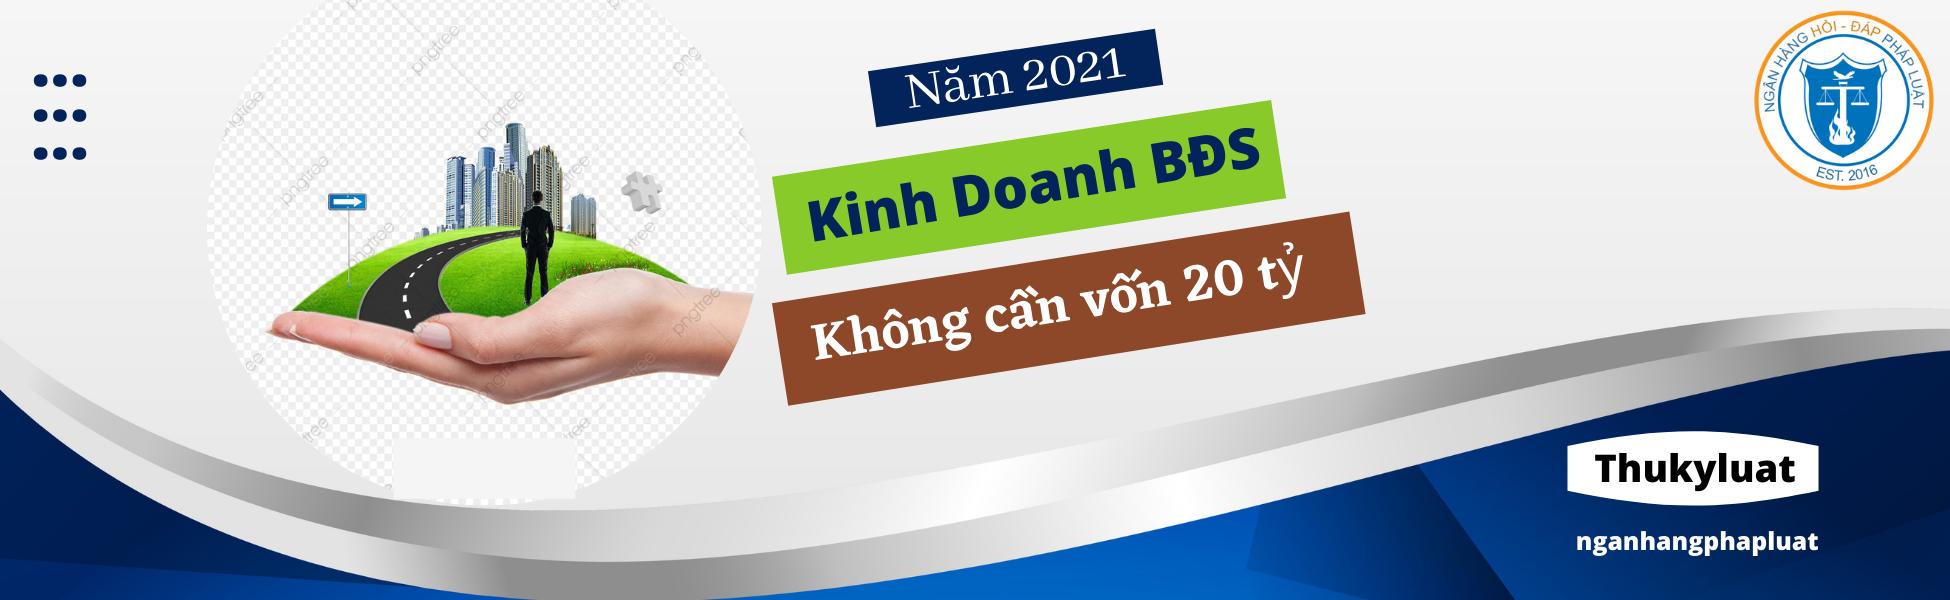 Năm 2021, kinh doanh BĐS không cần phải bỏ vốn 20 tỷ đồng như trước